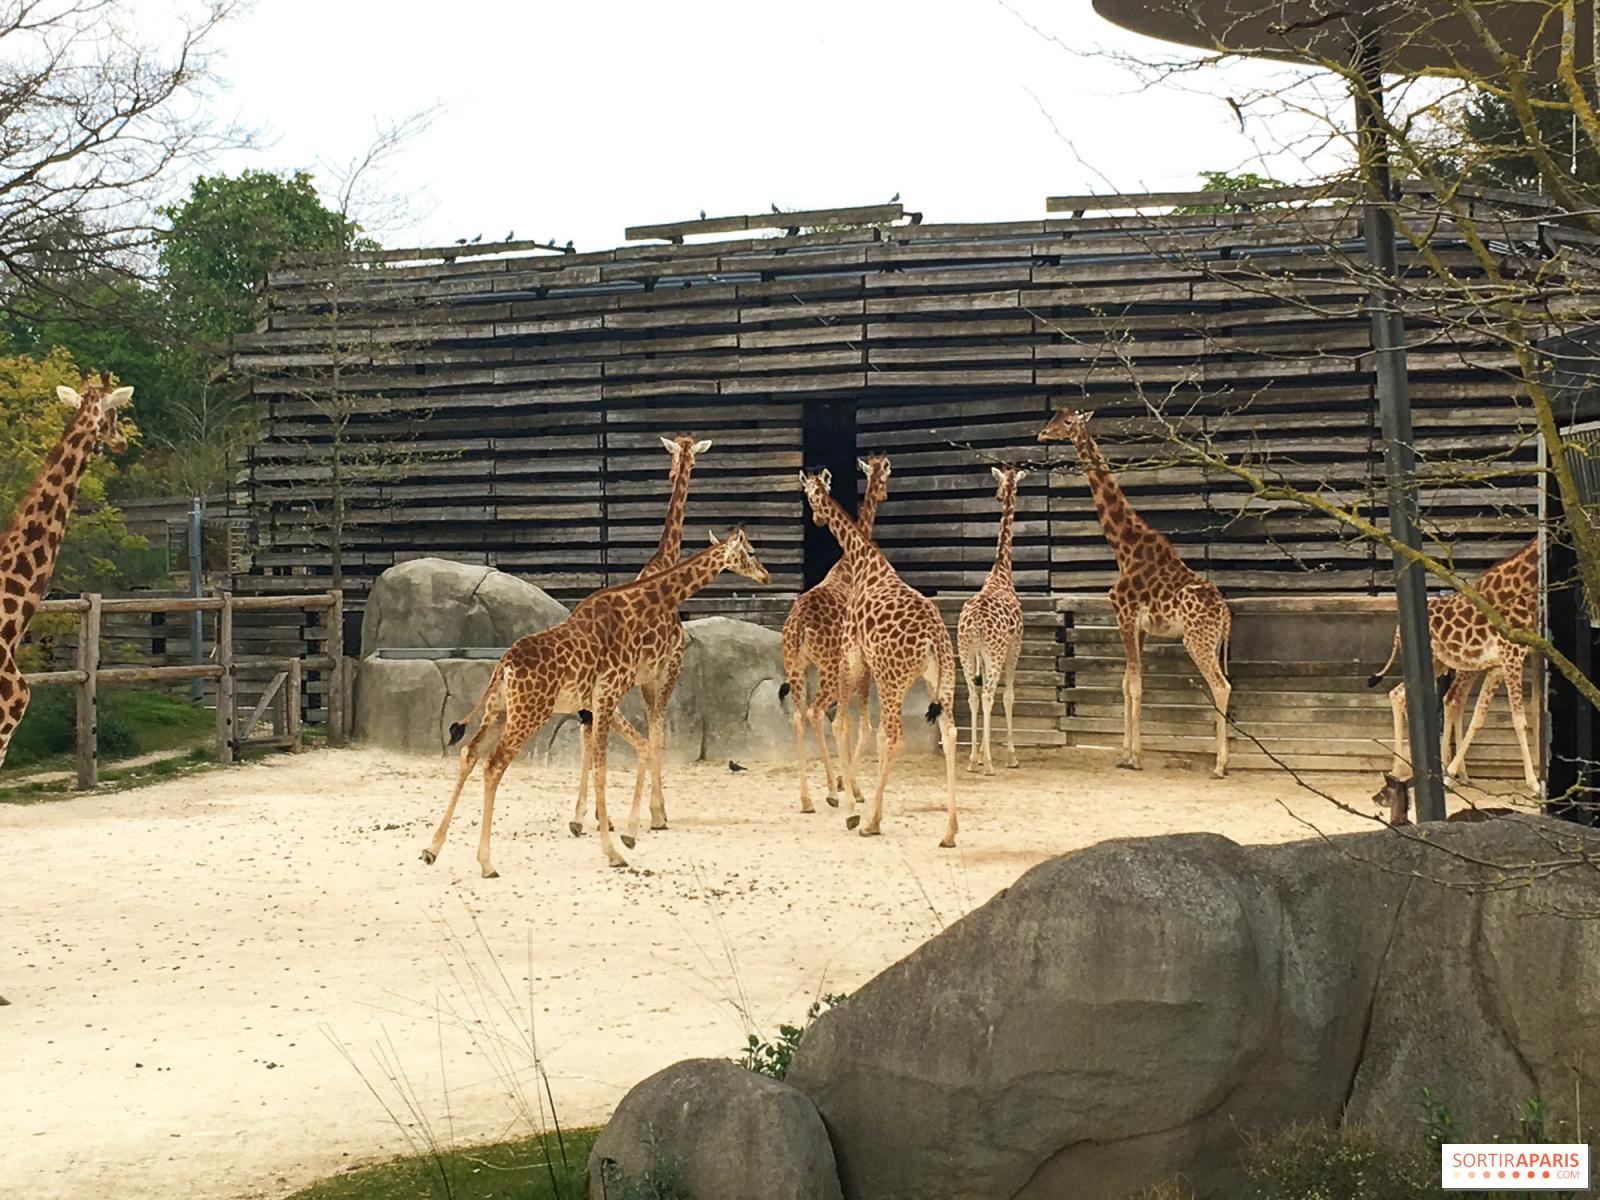 Le Guide Des Zoos Et Ménageries à Paris Et Ses Alentours Sortiraparis Com